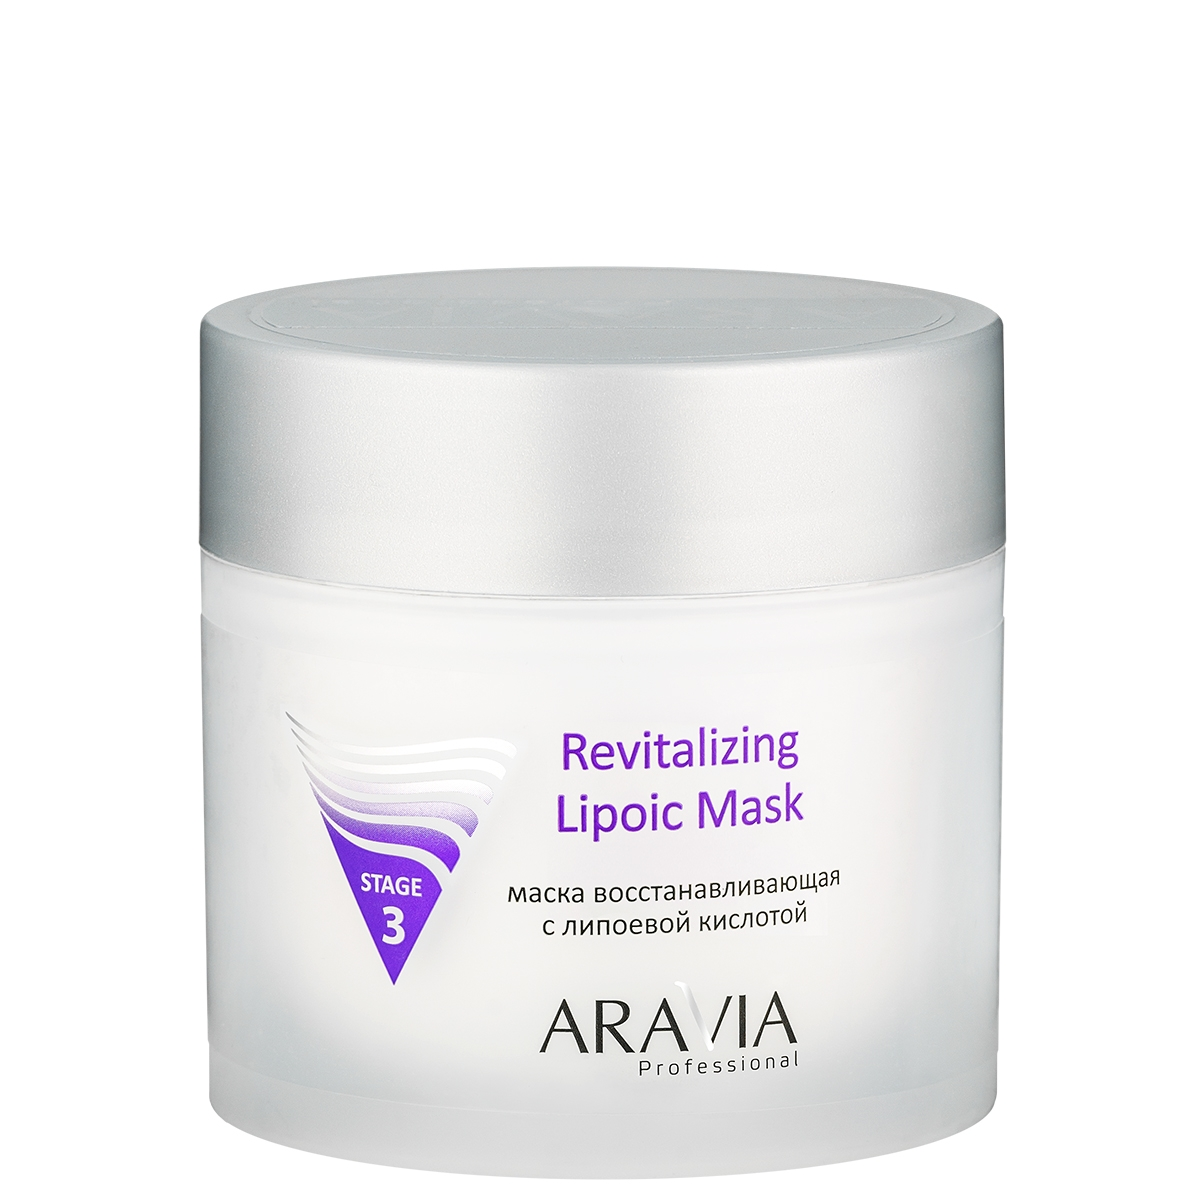 ARAVIA Маска Revitalizing Lipoic Mask Восстанавливающая с Липоевой Кислотой, 300 мл крем парафин сливочный шоколад с маслом какао и витамином f 300 мл